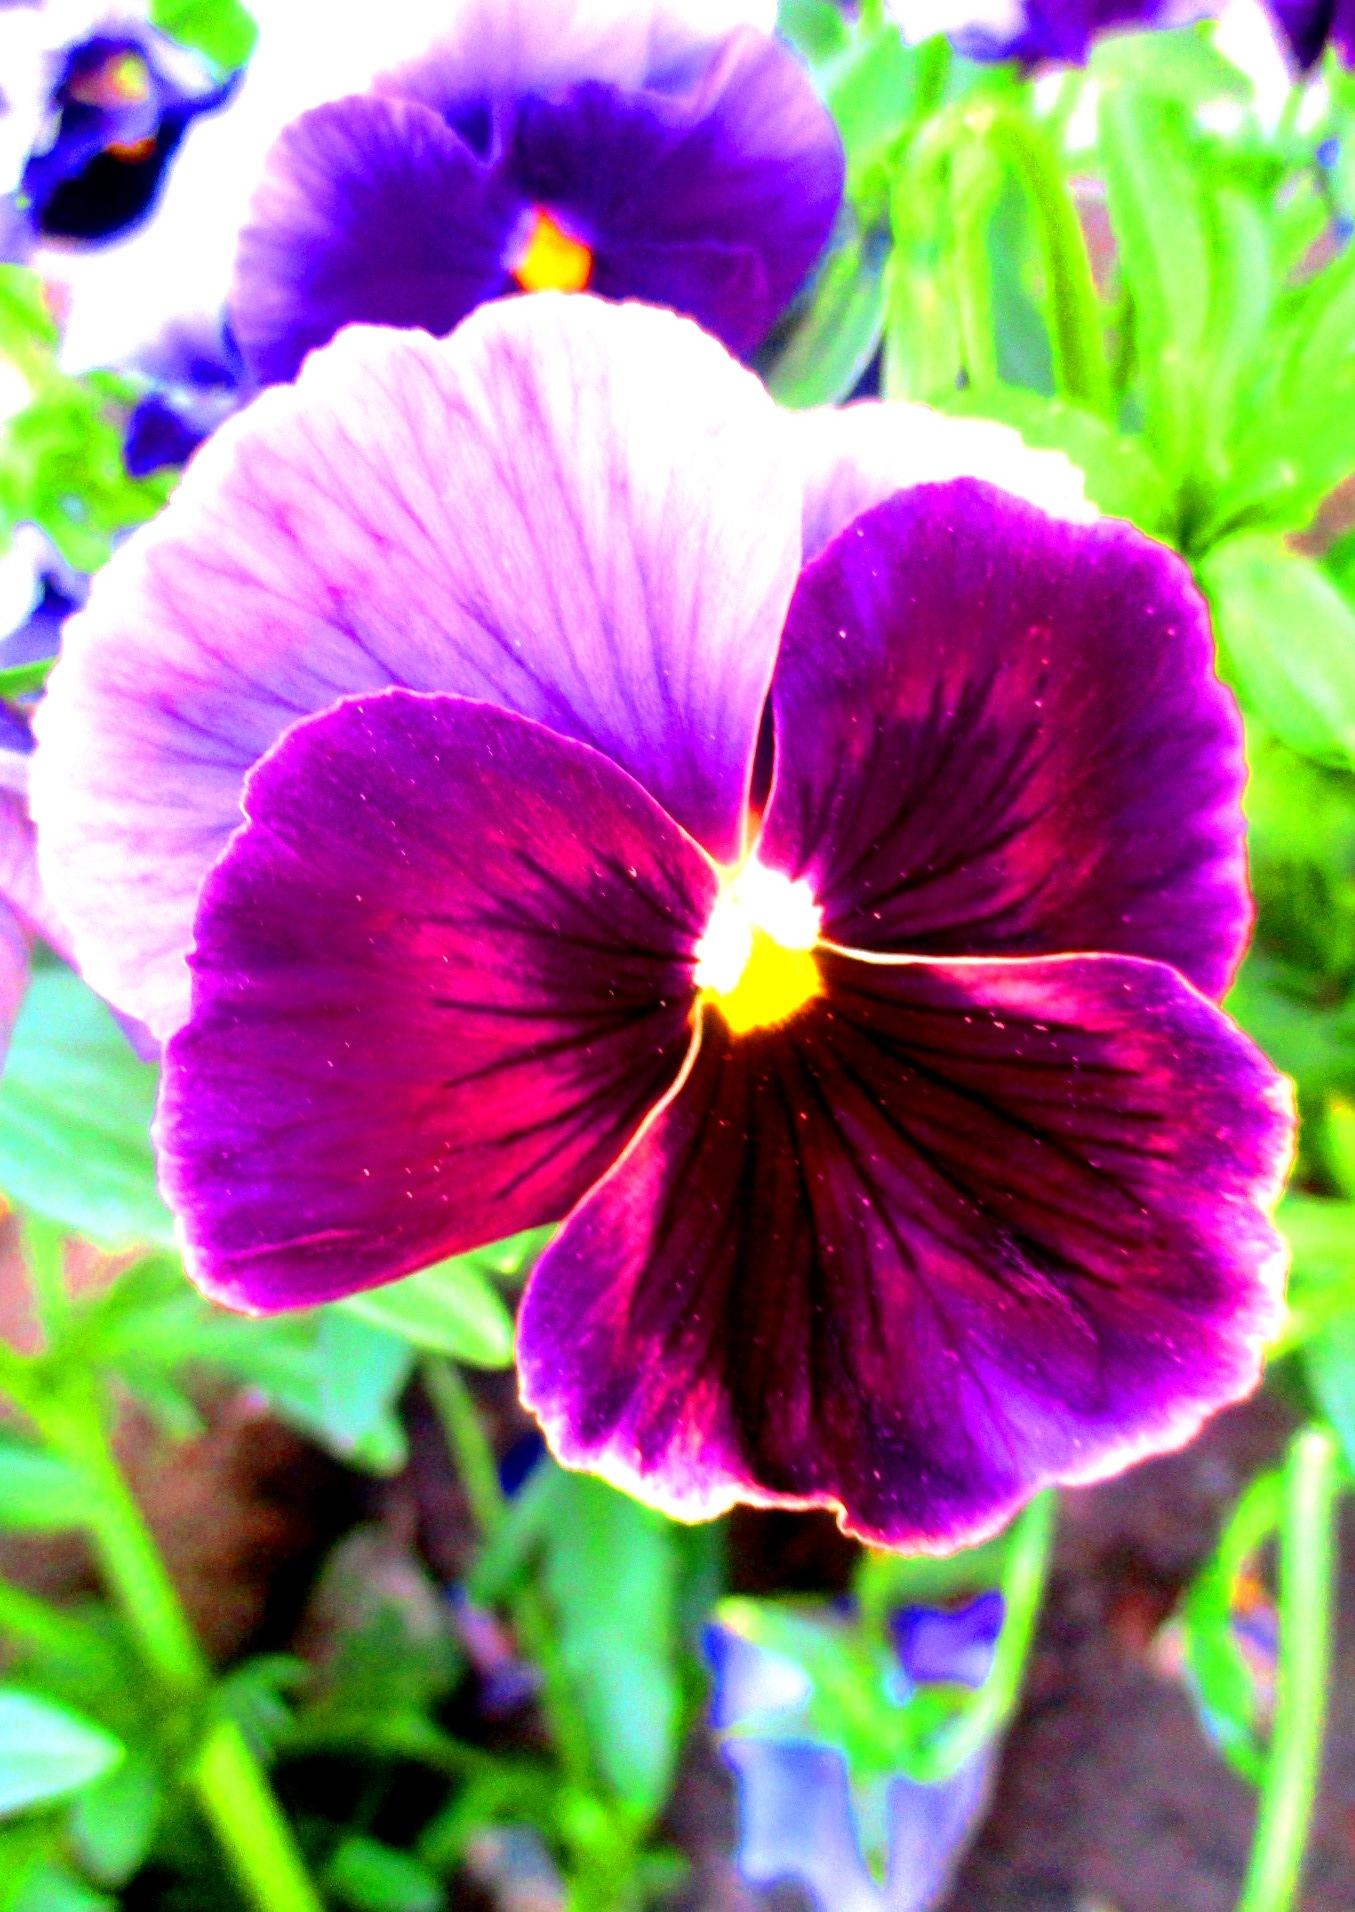 Purple Flower ☺ by Simona Bakševičiūtė